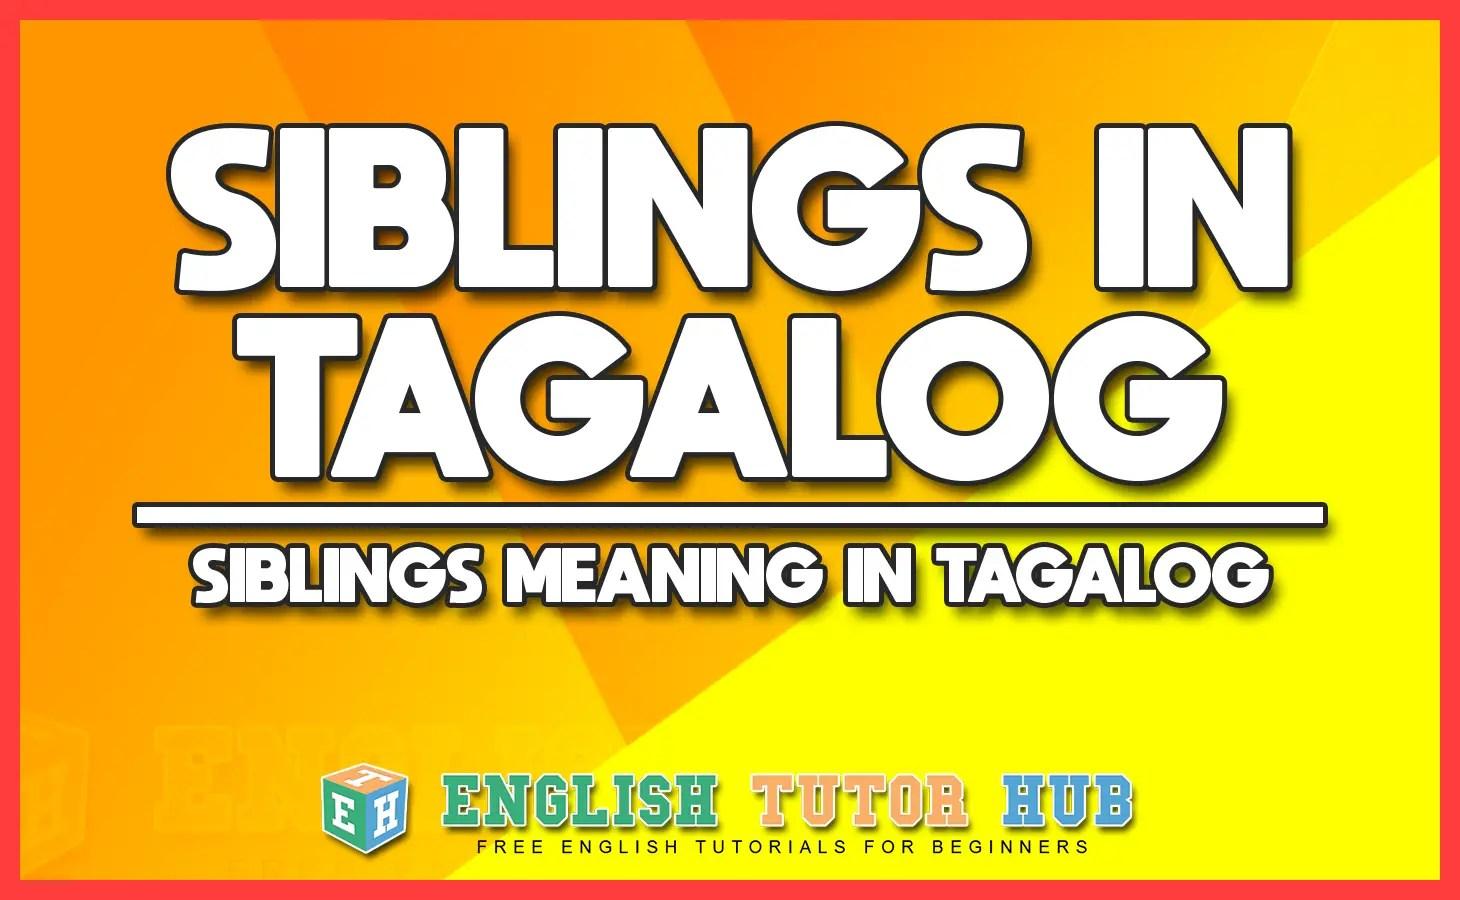 Siblings in Tagalog - Siblings Meaning in Tagalog